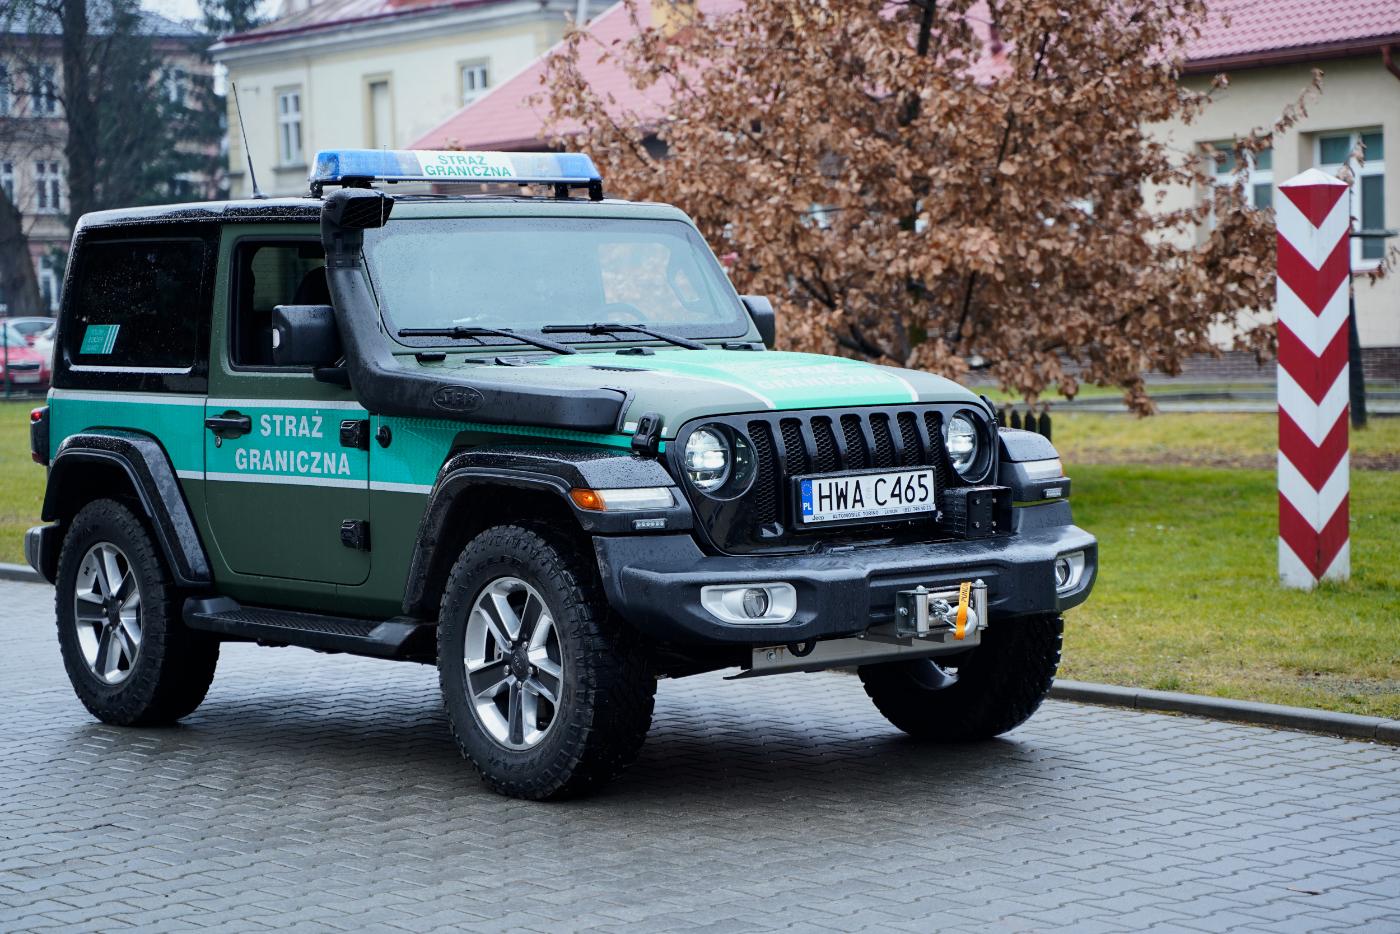 Nowe samochody i motory dla Straży Granicznej na Podkarpaciu [FOTO+VIDEO] - Zdjęcie główne